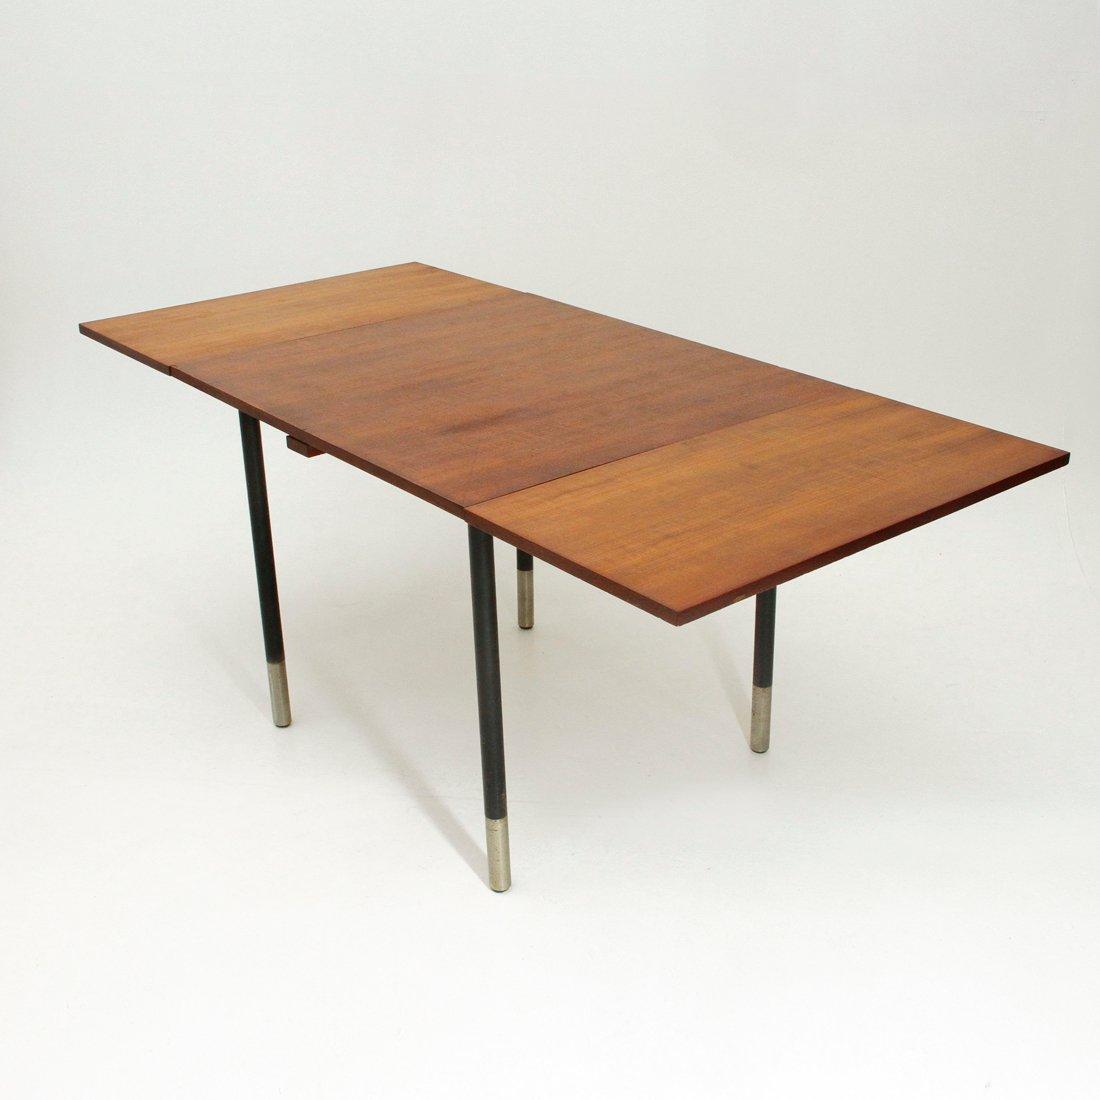 ausziehbarer quadratischer tisch aus teakholz von giampiero vitelli f r rossi di albizzate. Black Bedroom Furniture Sets. Home Design Ideas